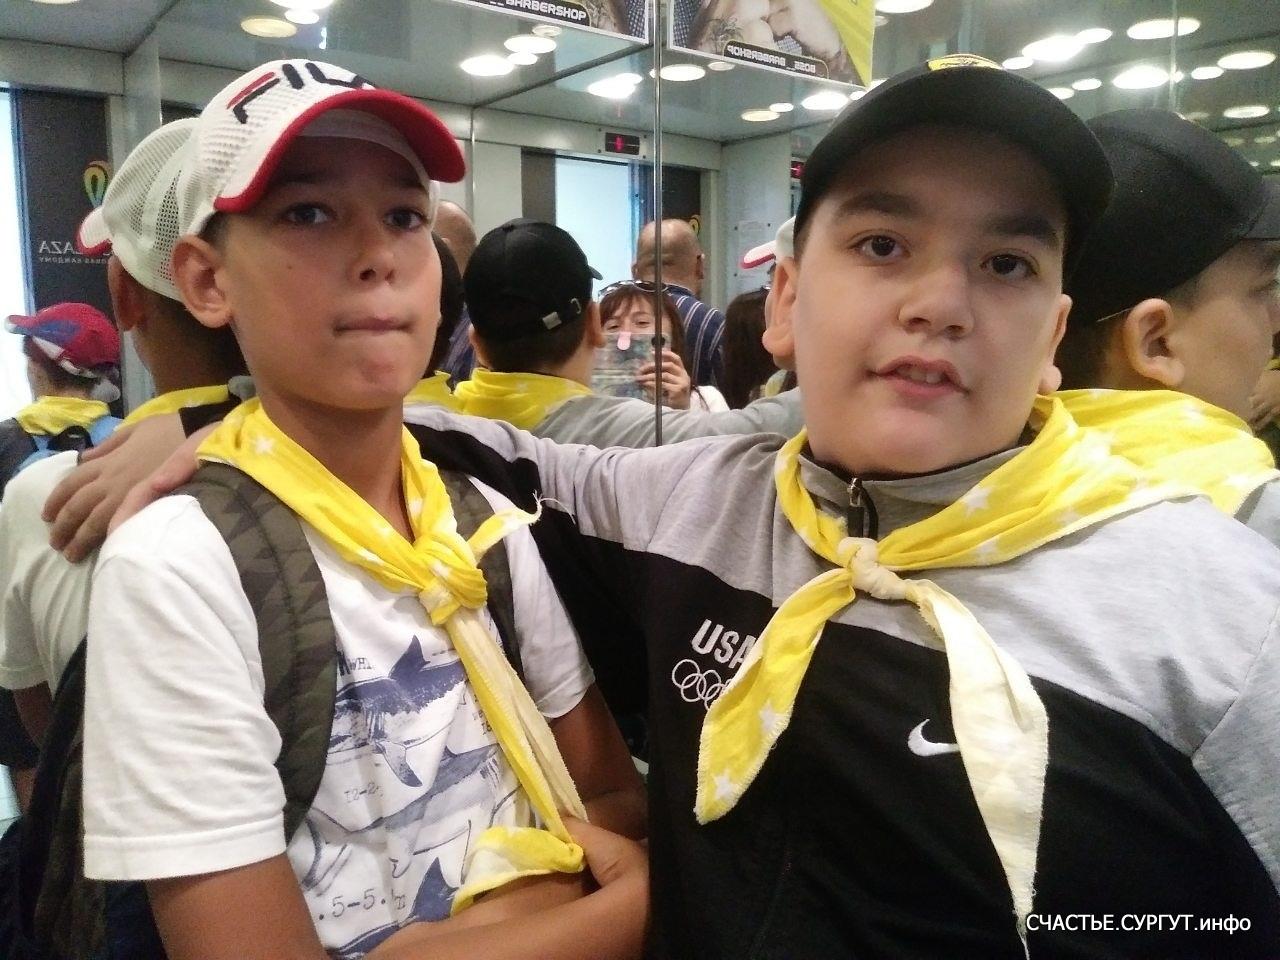 Чтобы научится писать и читать ребята ходят в школу, а к нам они приходят для того, что бы научиться дружить, играть и вести себя в общественных местах.